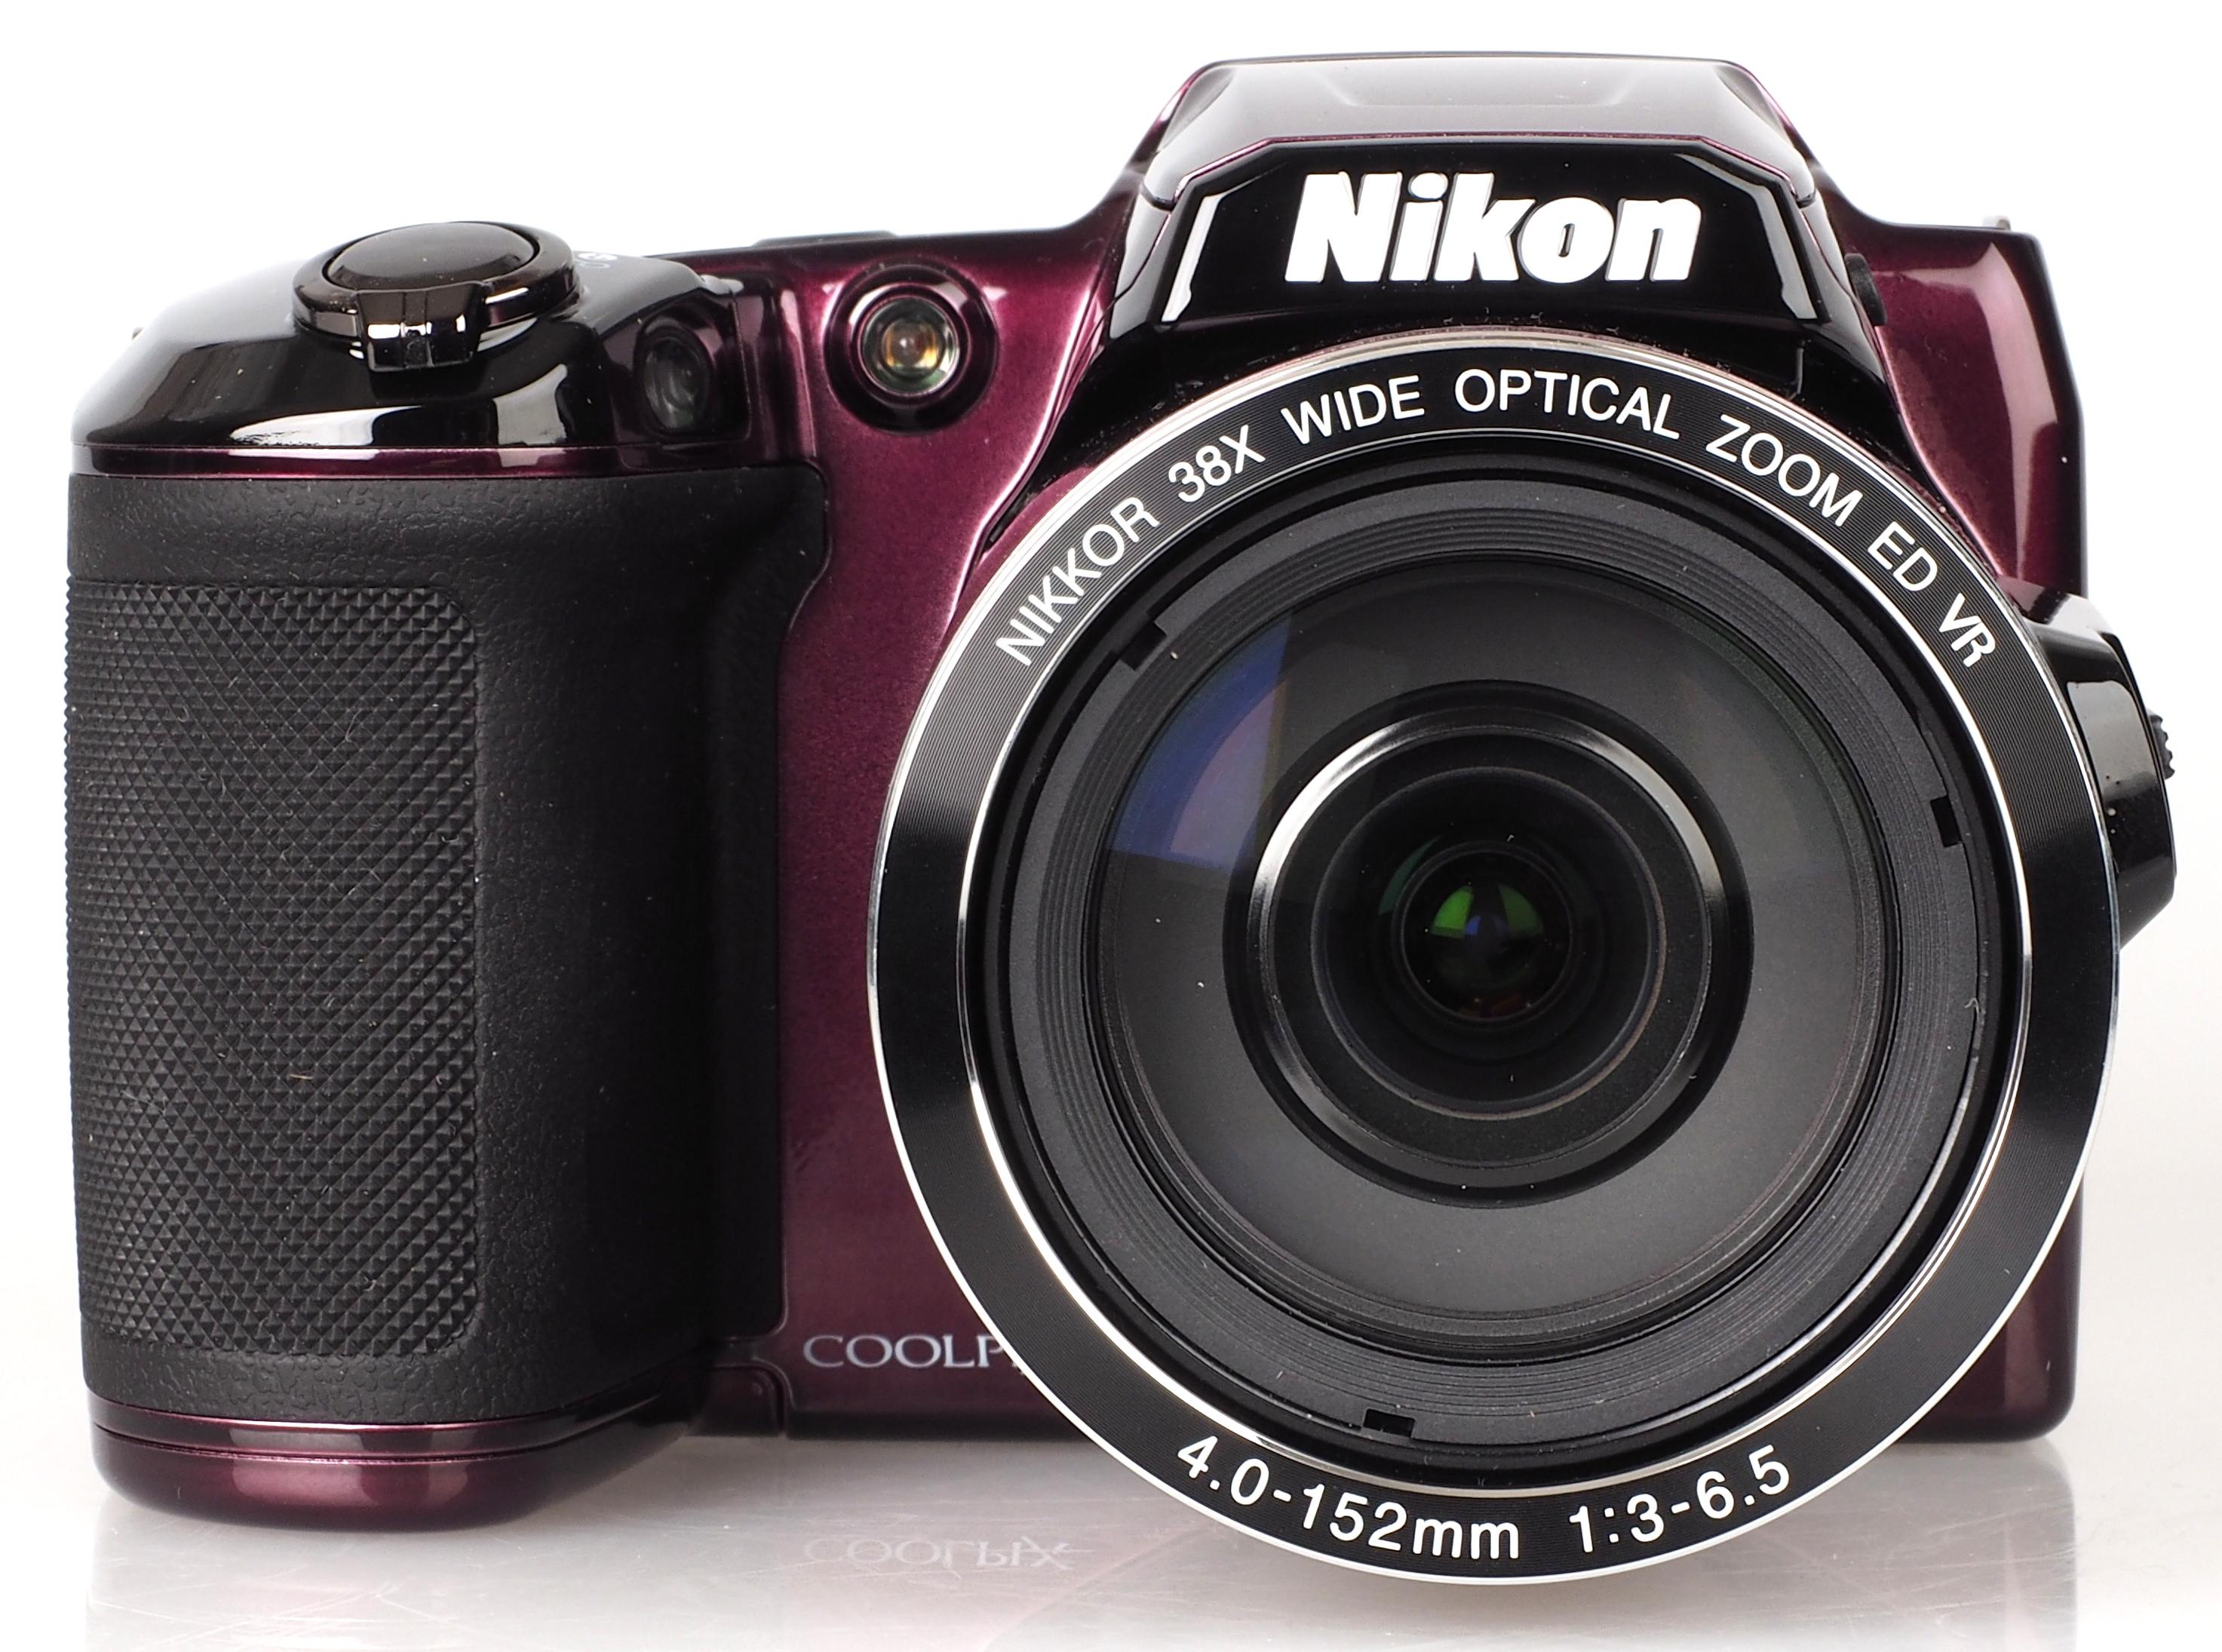 Nikon Coolpix L840 Review